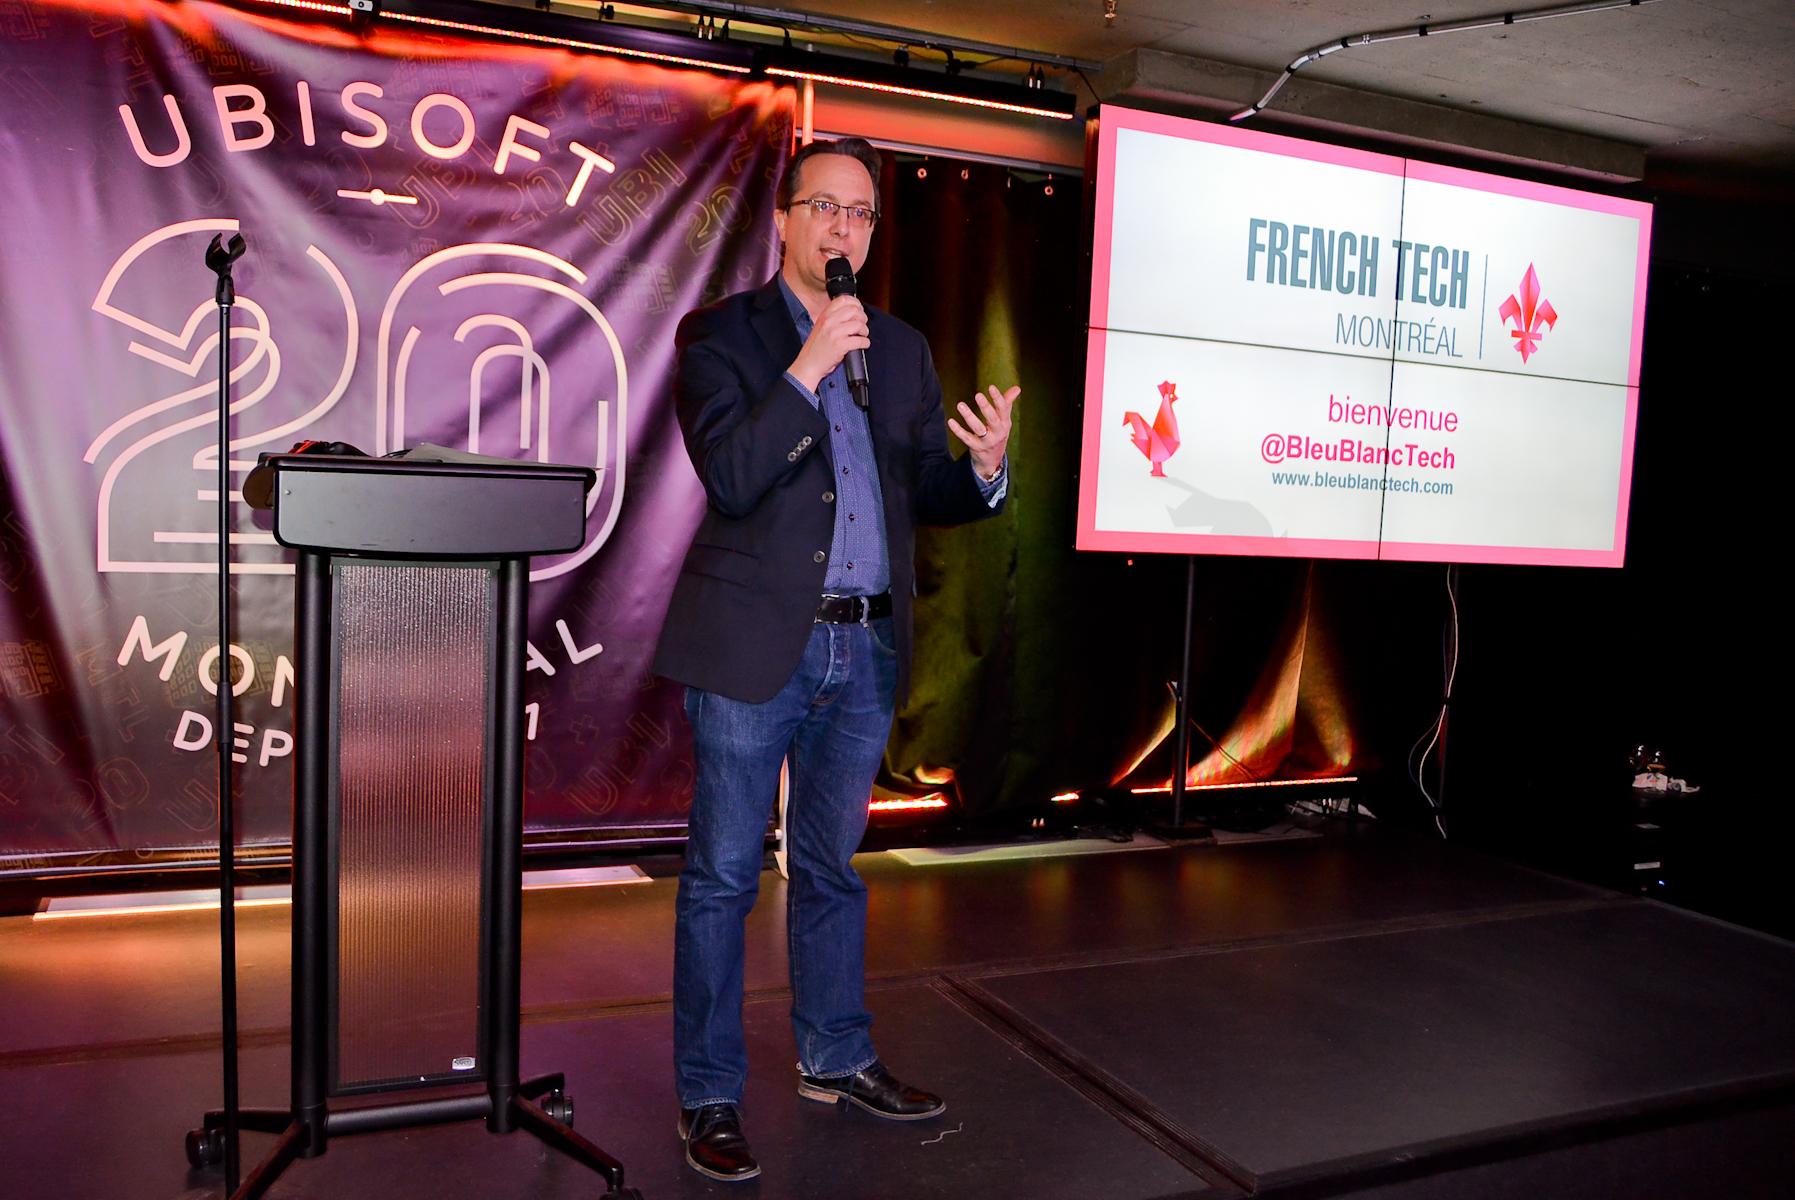 """Ubisoft, """"agitateur"""" d'écosystème numérique à Montréal depuis 20 ans"""